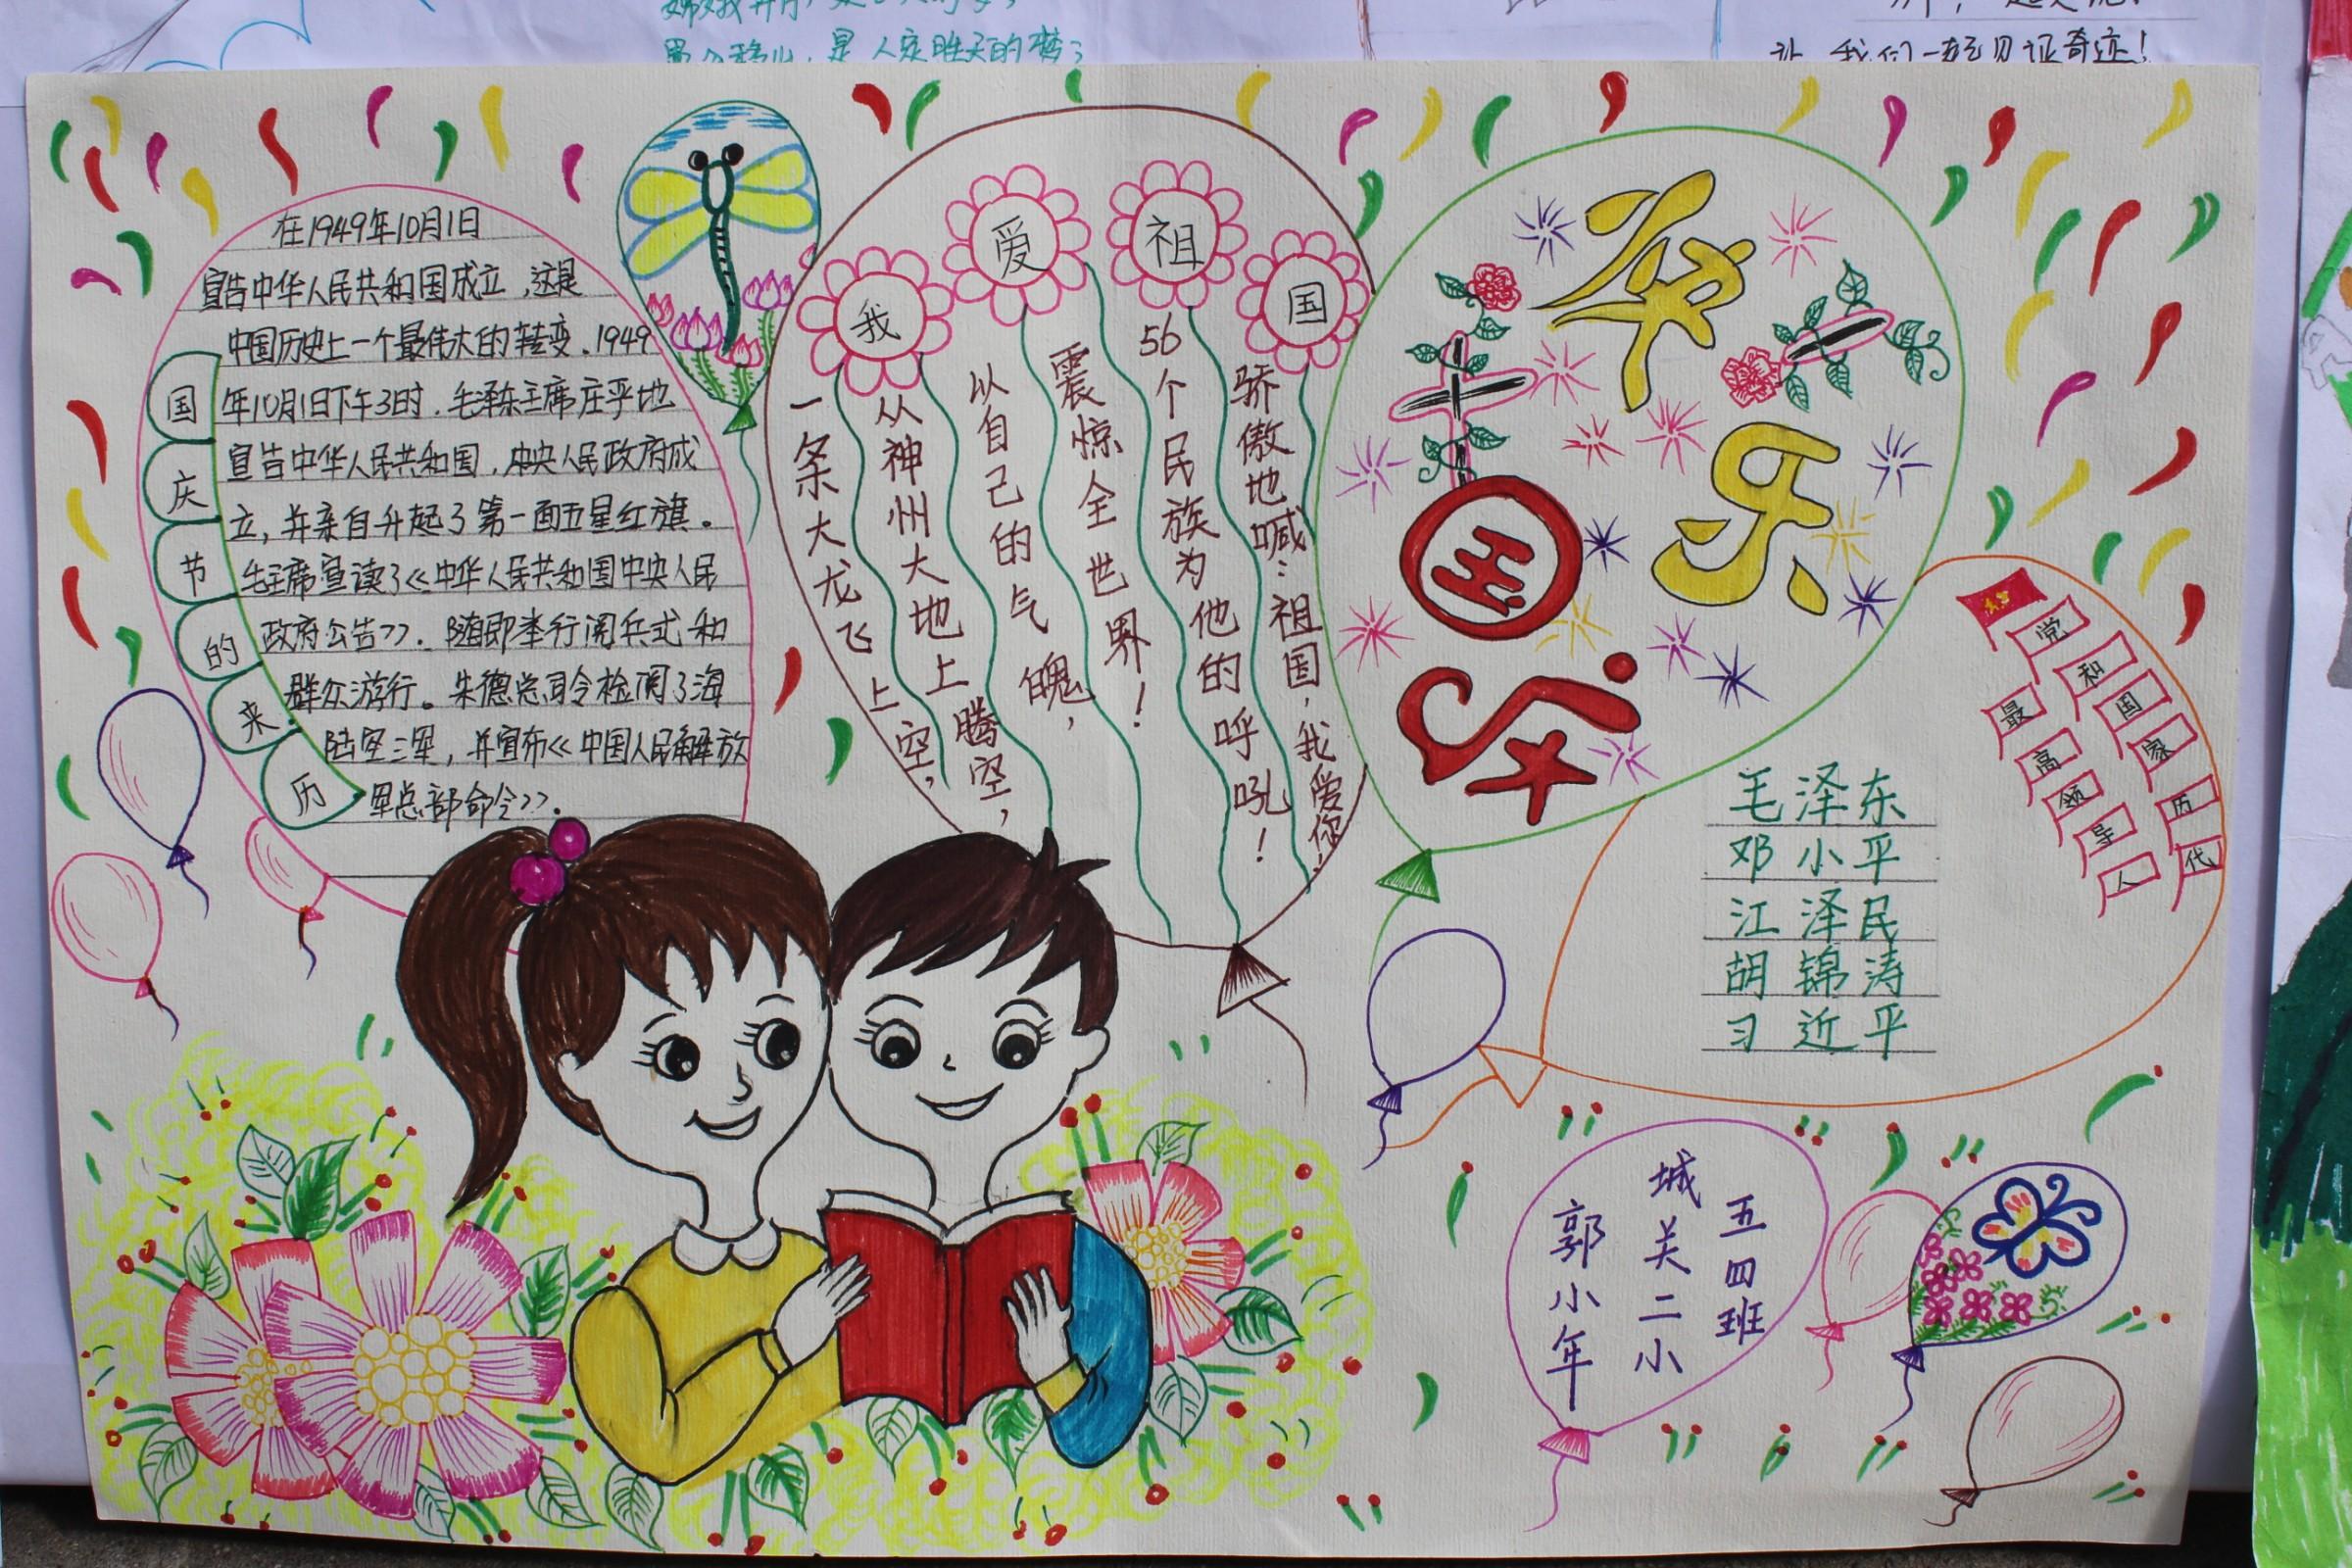 中国梦我的梦手抄报 - 红领巾相约中国梦动态上传